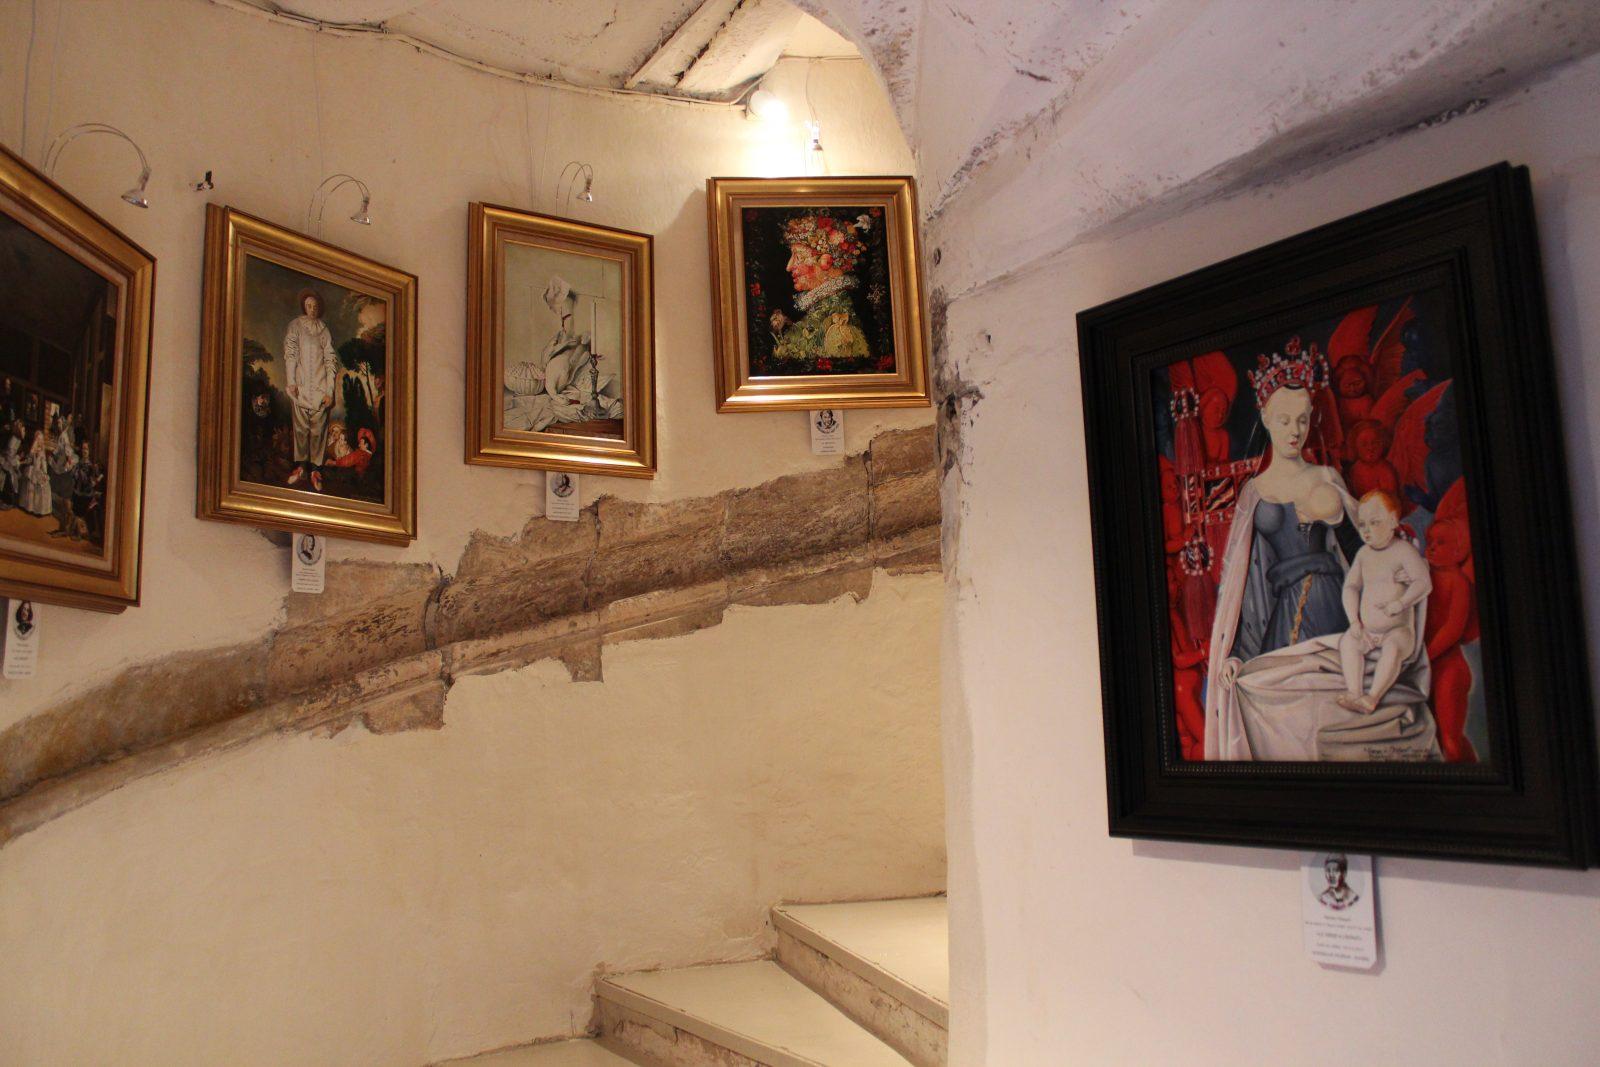 lbi musée pour Tous Raphael Cordoba